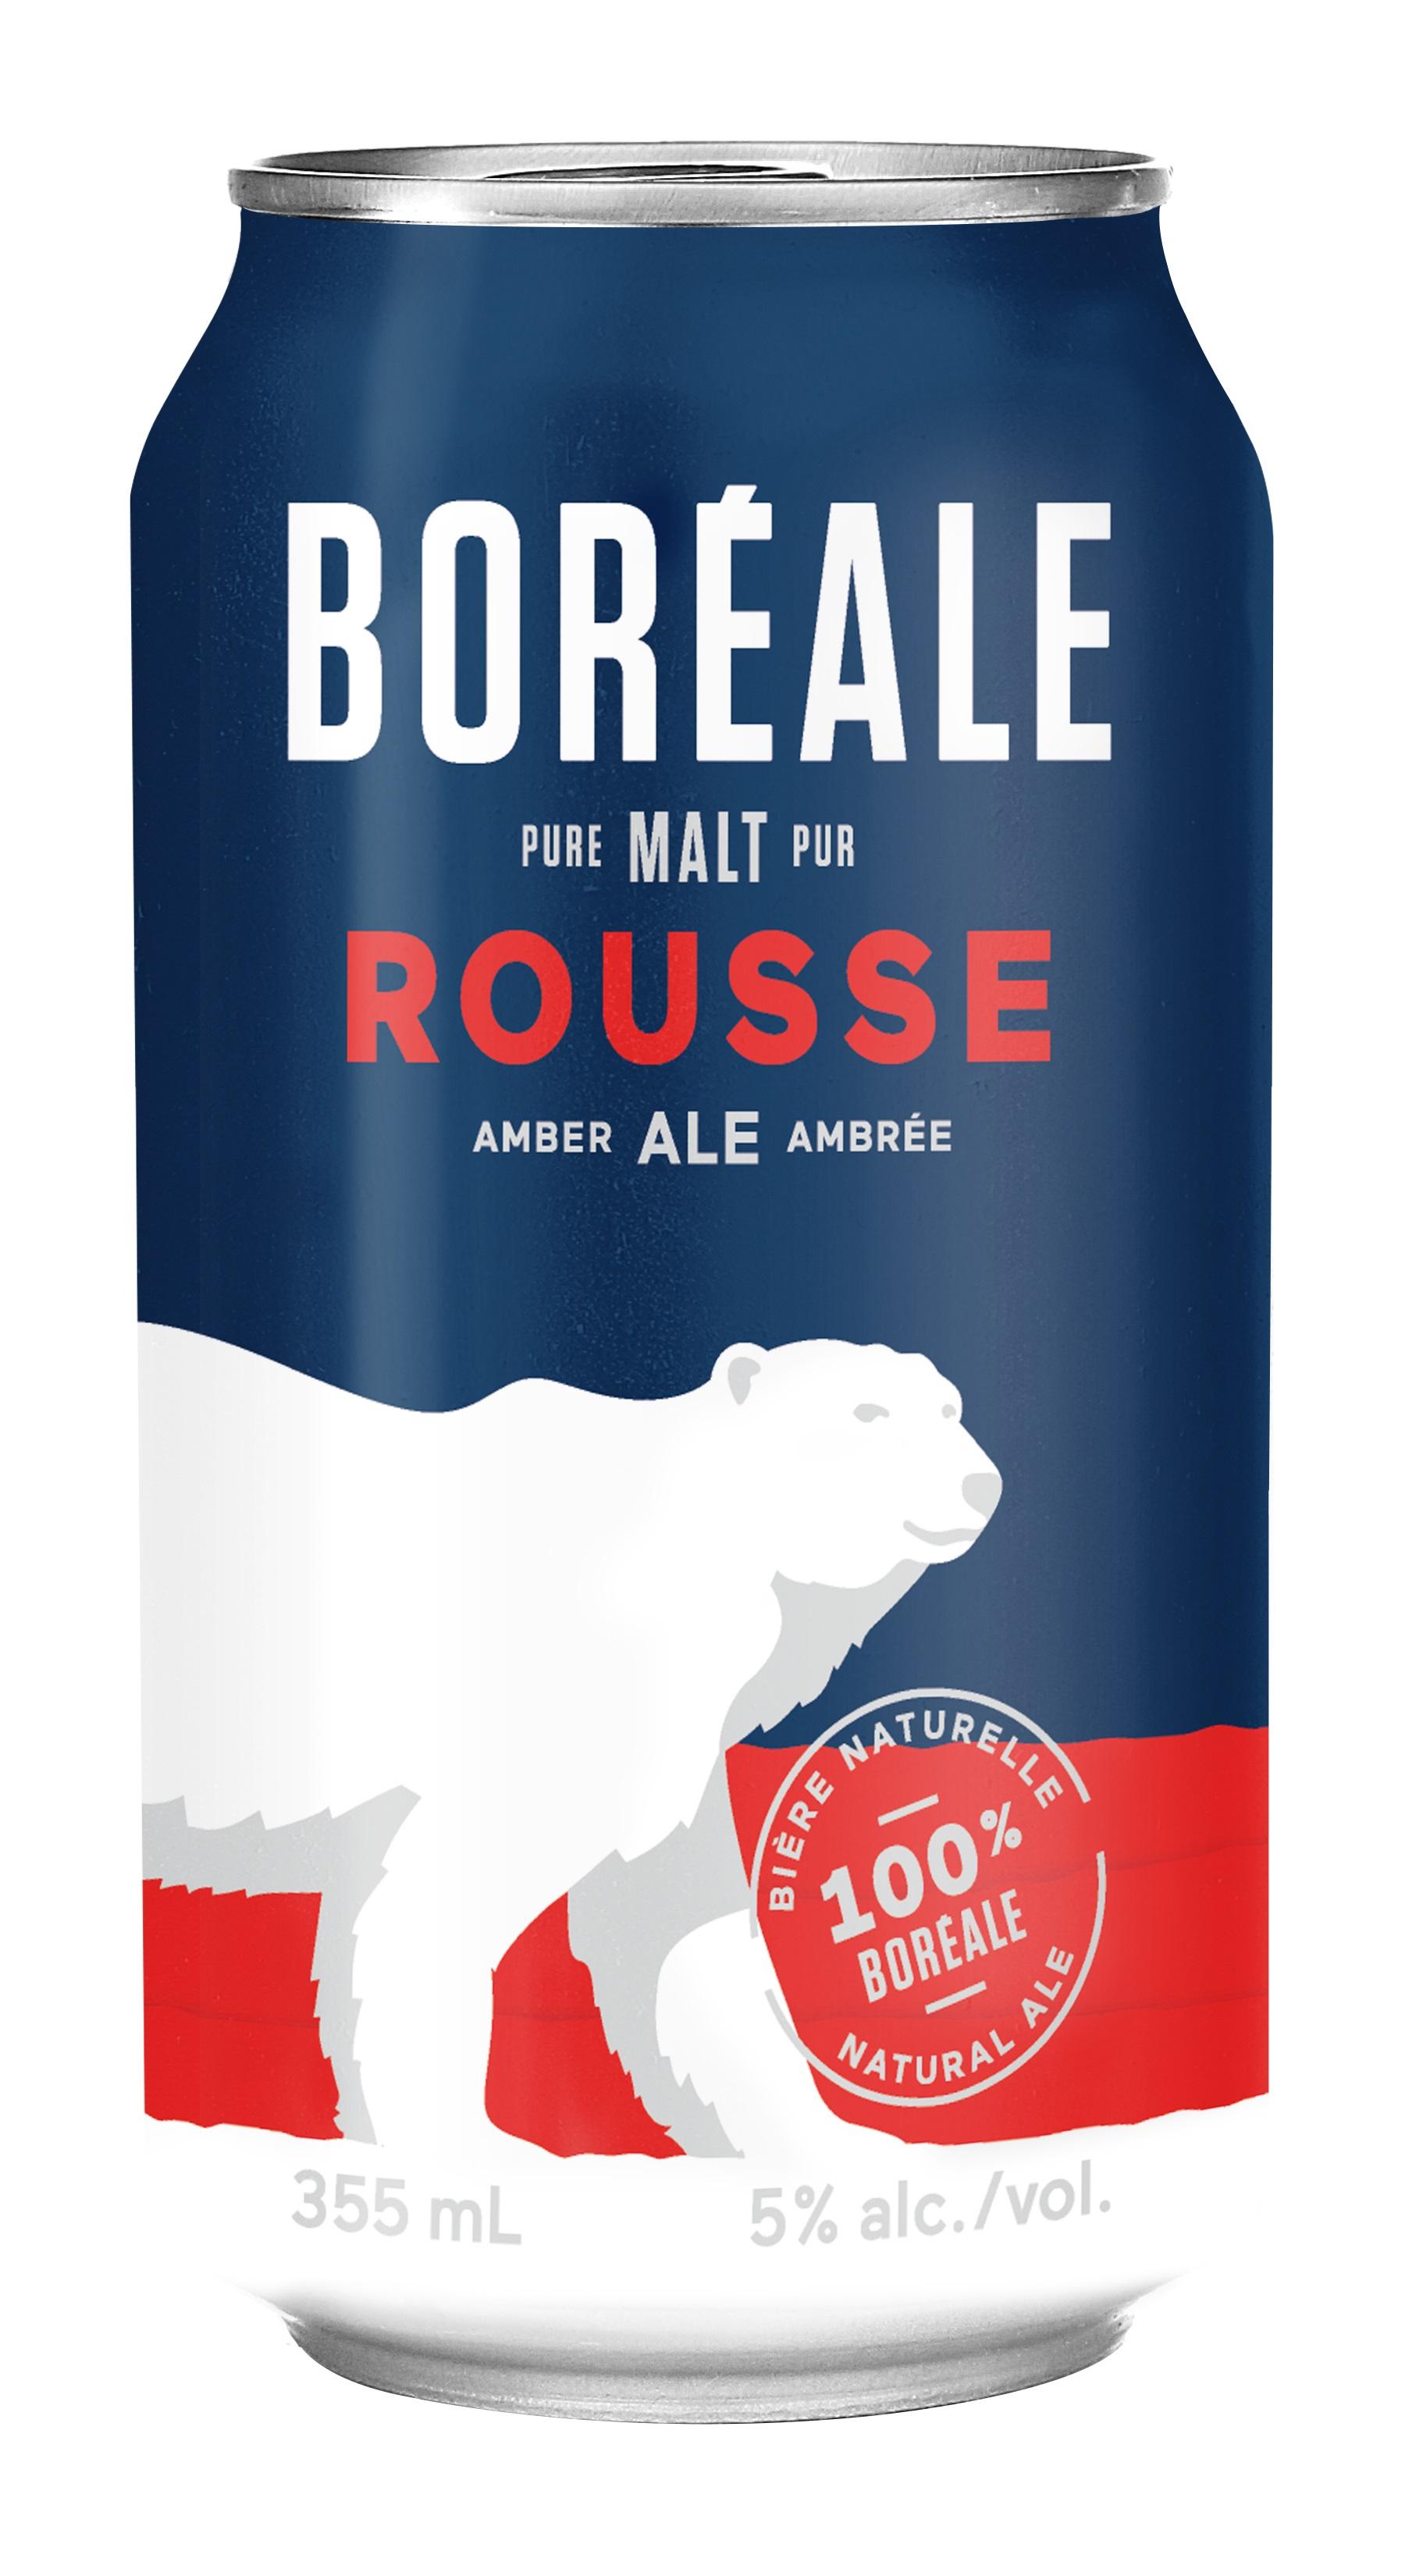 Bière Rousse de type Ale - canette*_*Beer Rousse type Ale 473 mL - can*_*Cerveza IP Rousse 473 mL - Lata